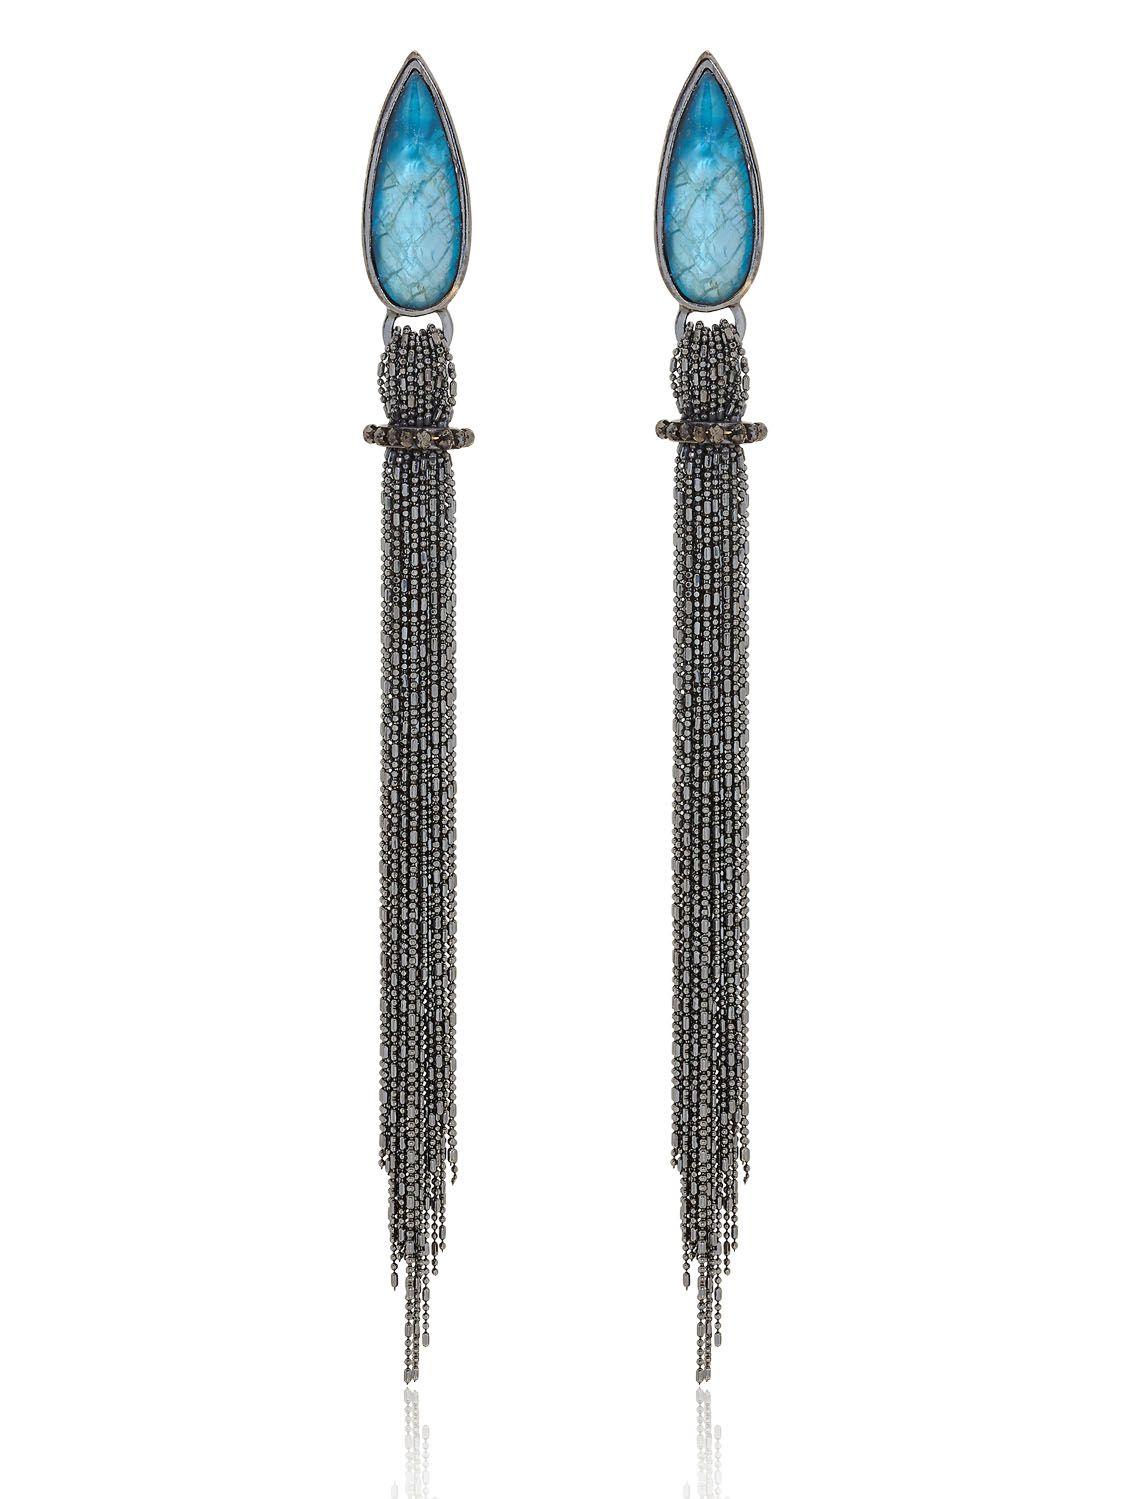 all'ingrosso online miglior valore 50-70% di sconto LUCIA ODESCALCHI • Grand Blue Earrings | LUISAVIAROMA ...